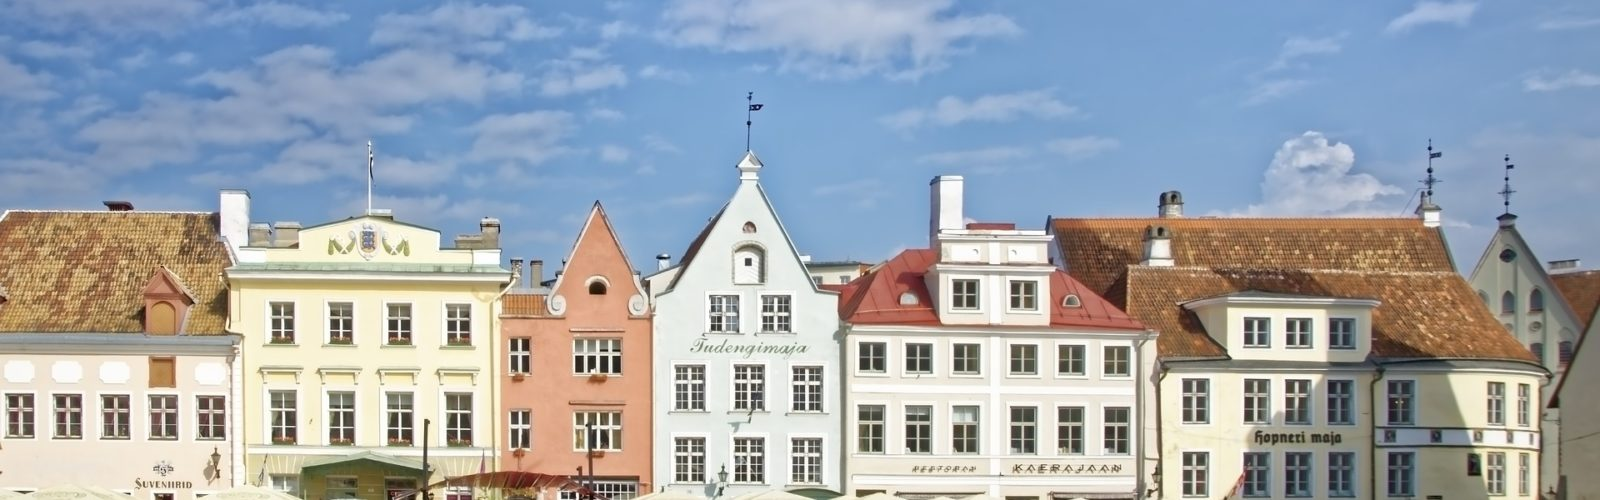 Hotellimatka Tallinnaan